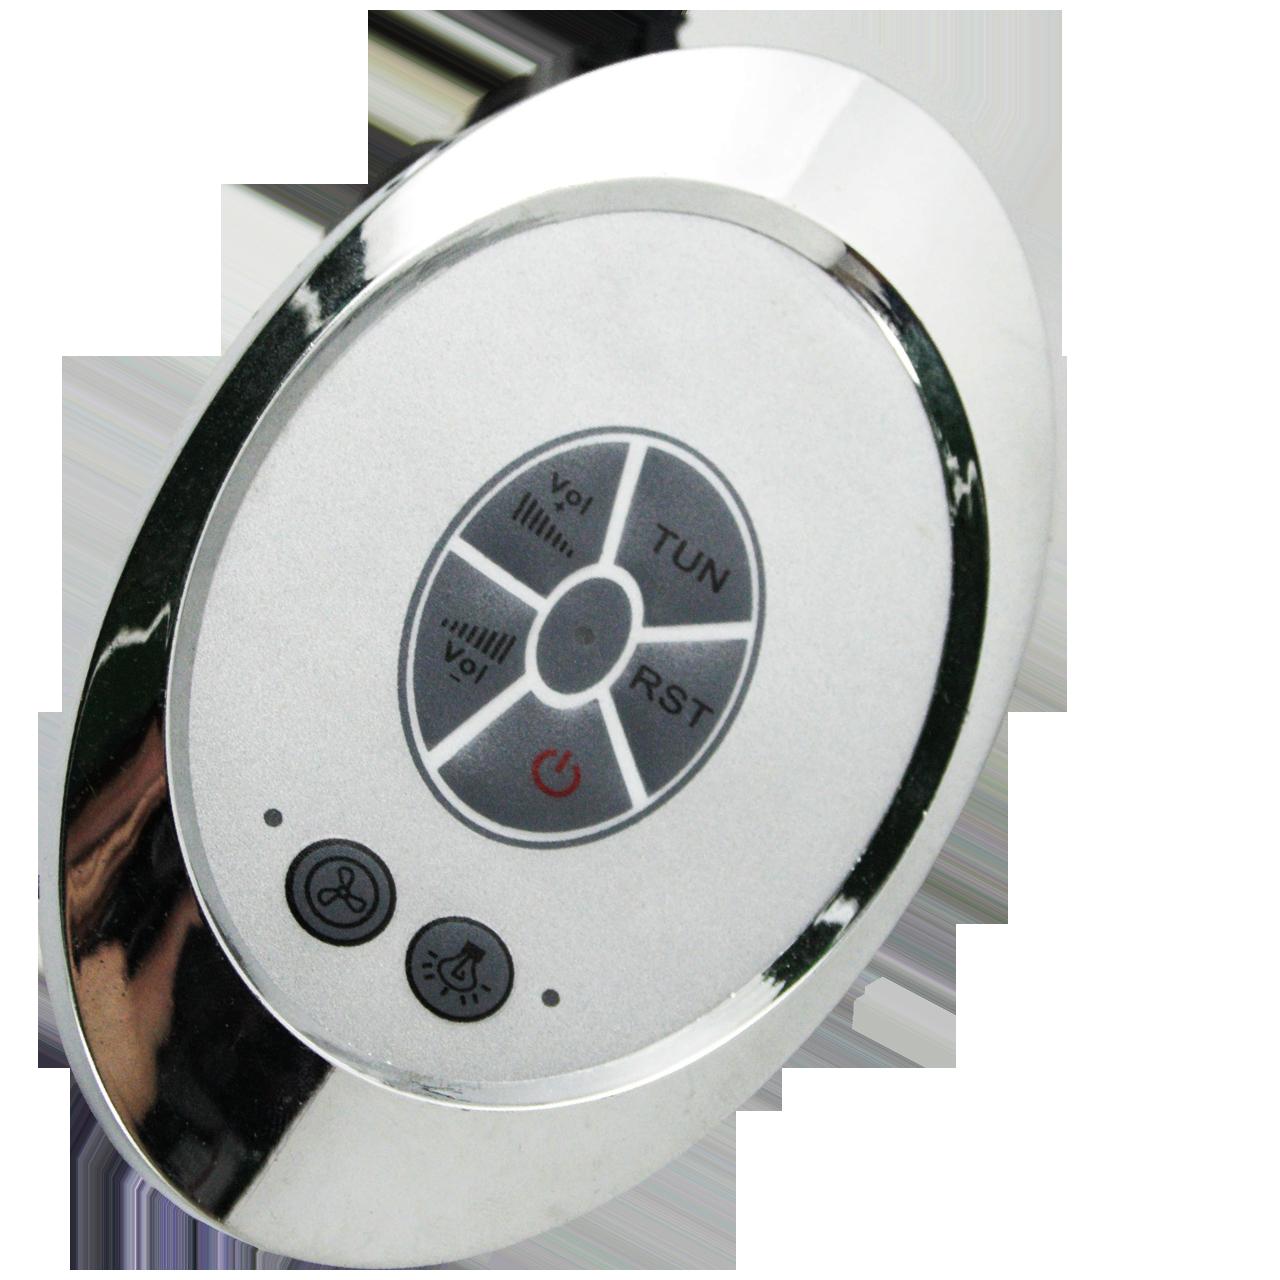 Блок управления, пульт душевой кабины кнопочный с радио ( Бу-17 ) Овальной формы.